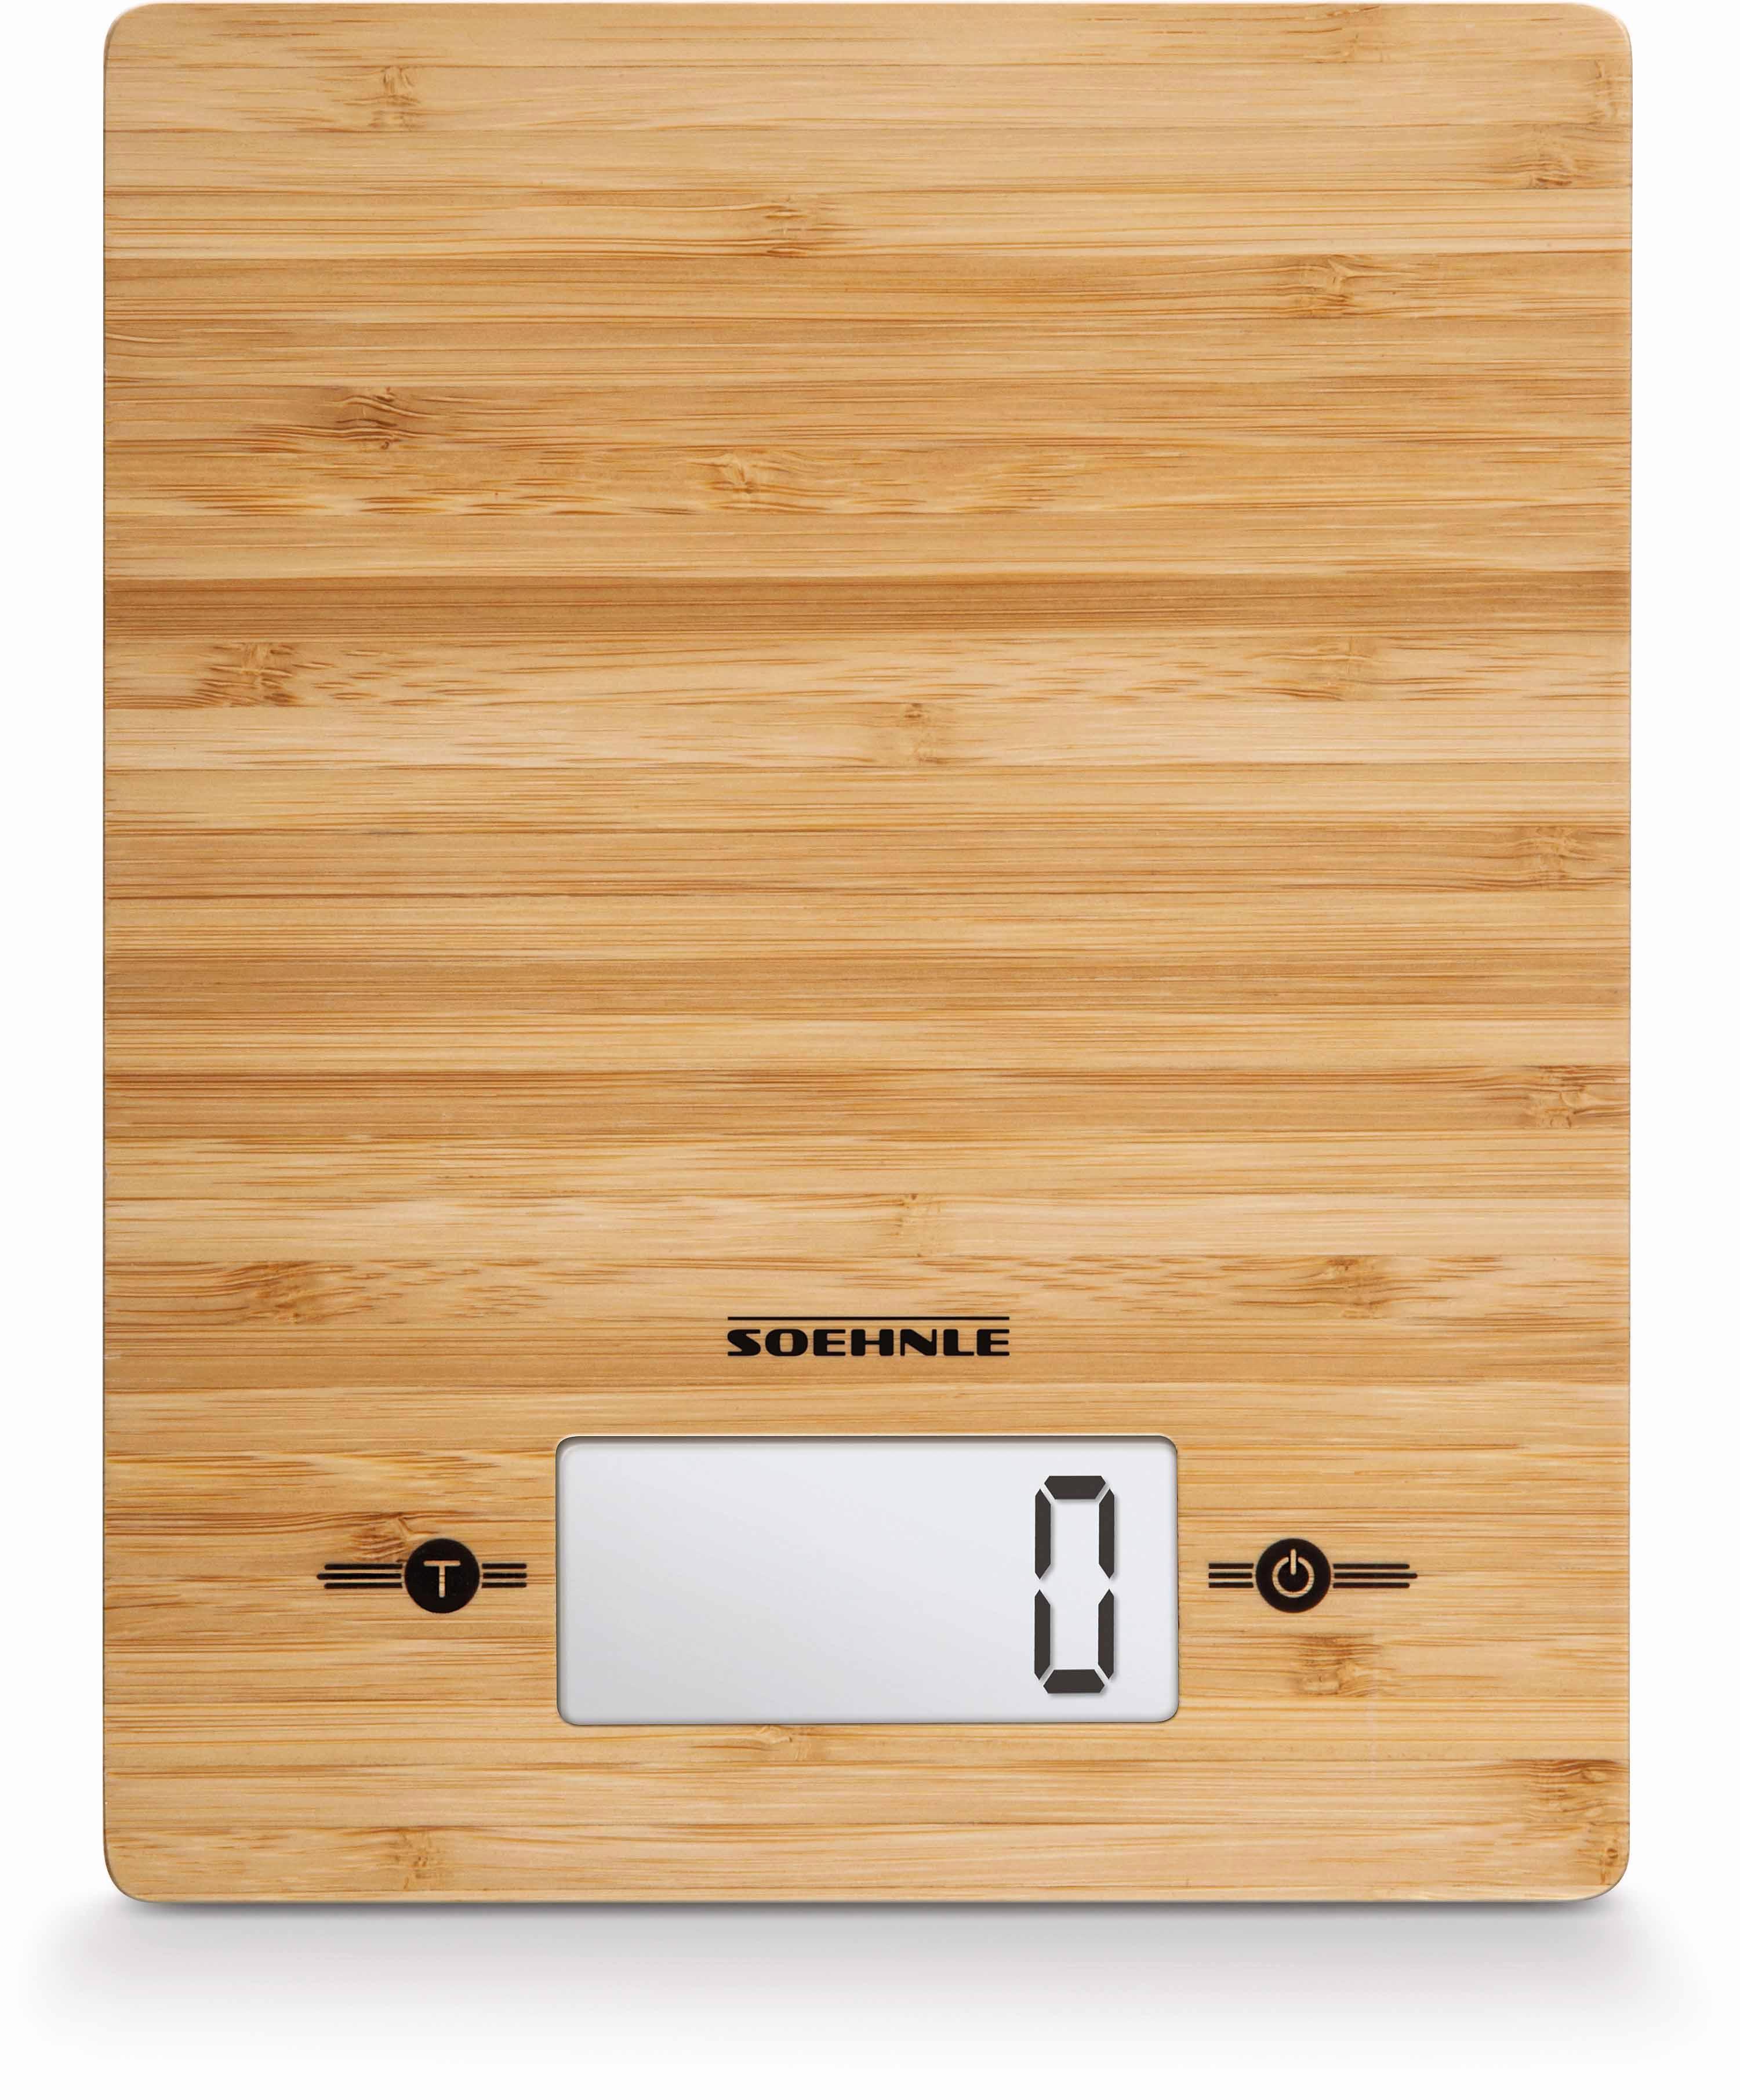 Soehnle Küchenwaage ´´Bamboo´´ (1-tlg) | Küche und Esszimmer > Küchengeräte > Küchenwaagen | Bambus | Soehnle